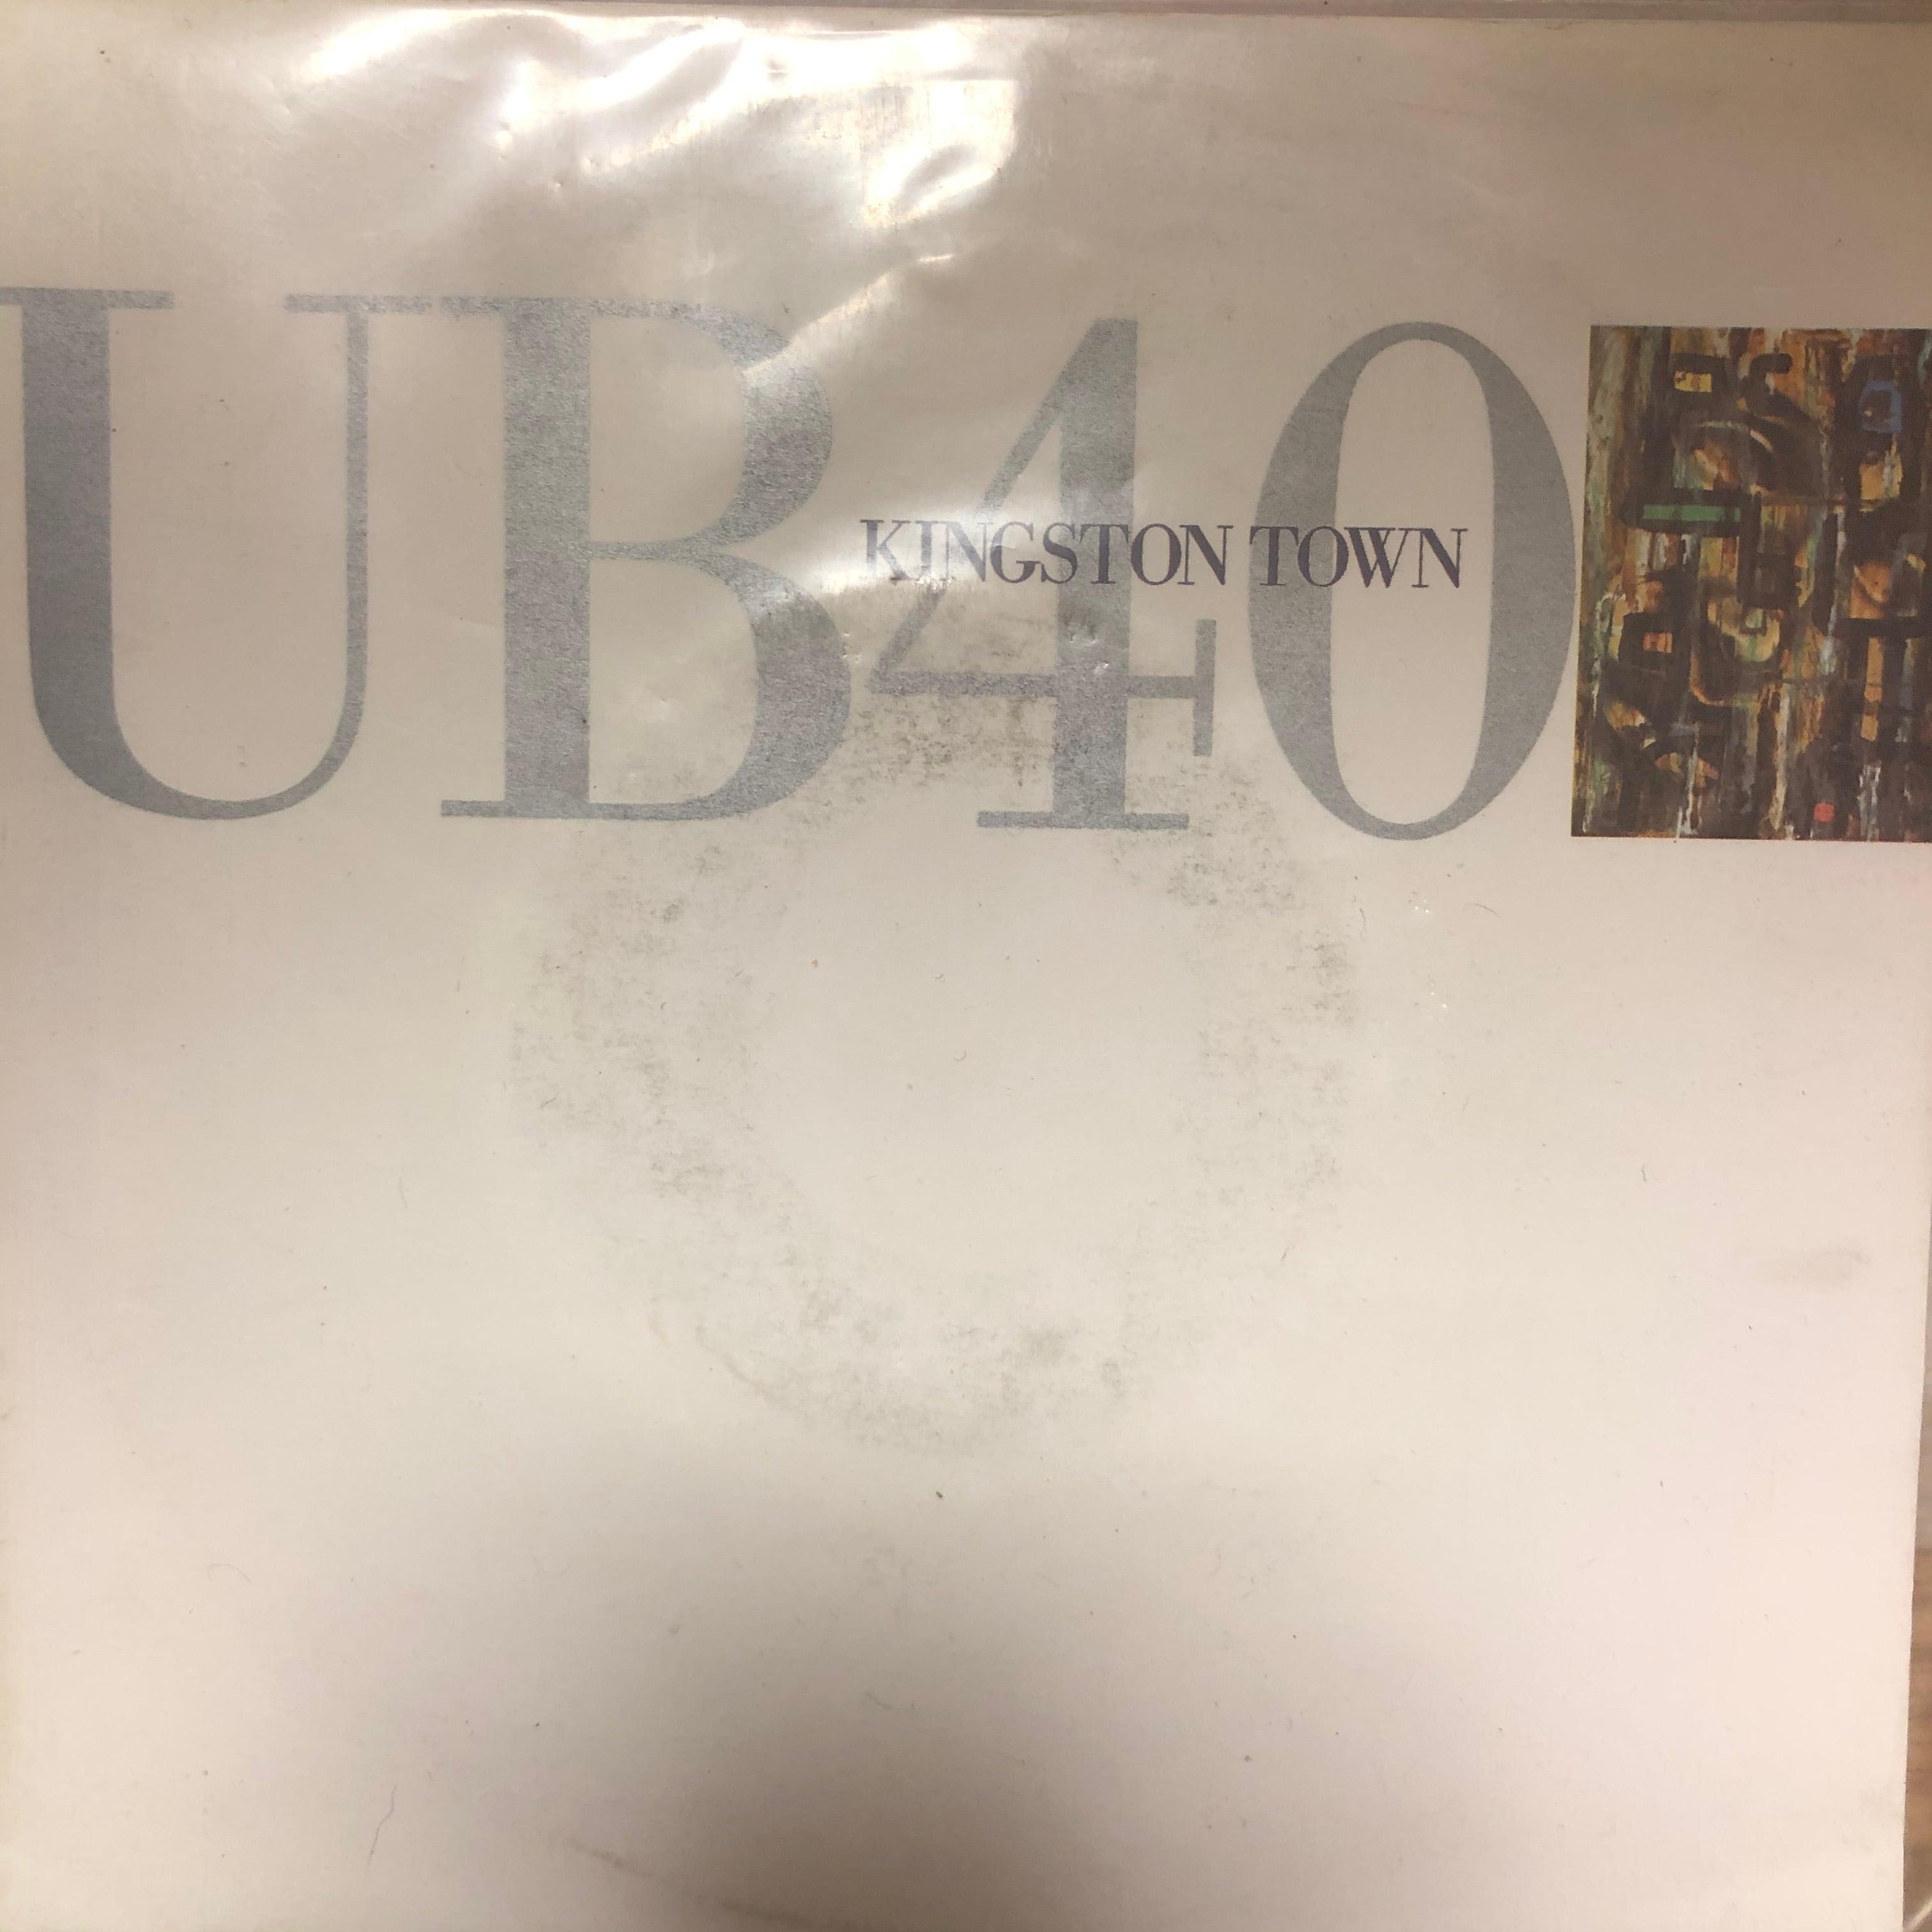 UB40 - Kingston Town【7-20491】